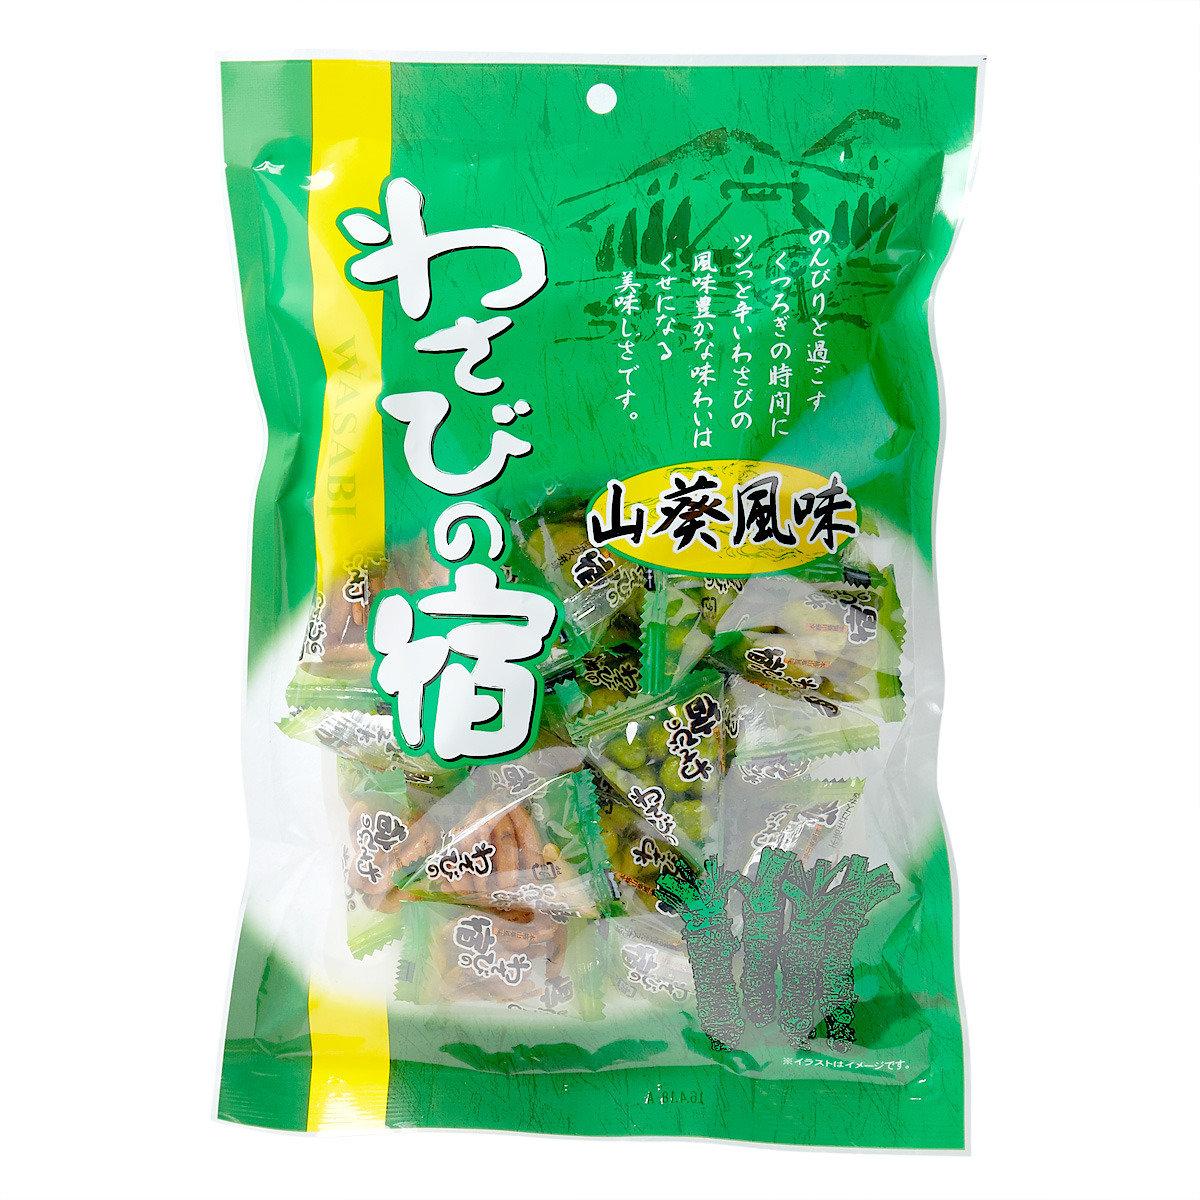 沖繩芥辣什豆袋(賞味期限: 30/04/2017)